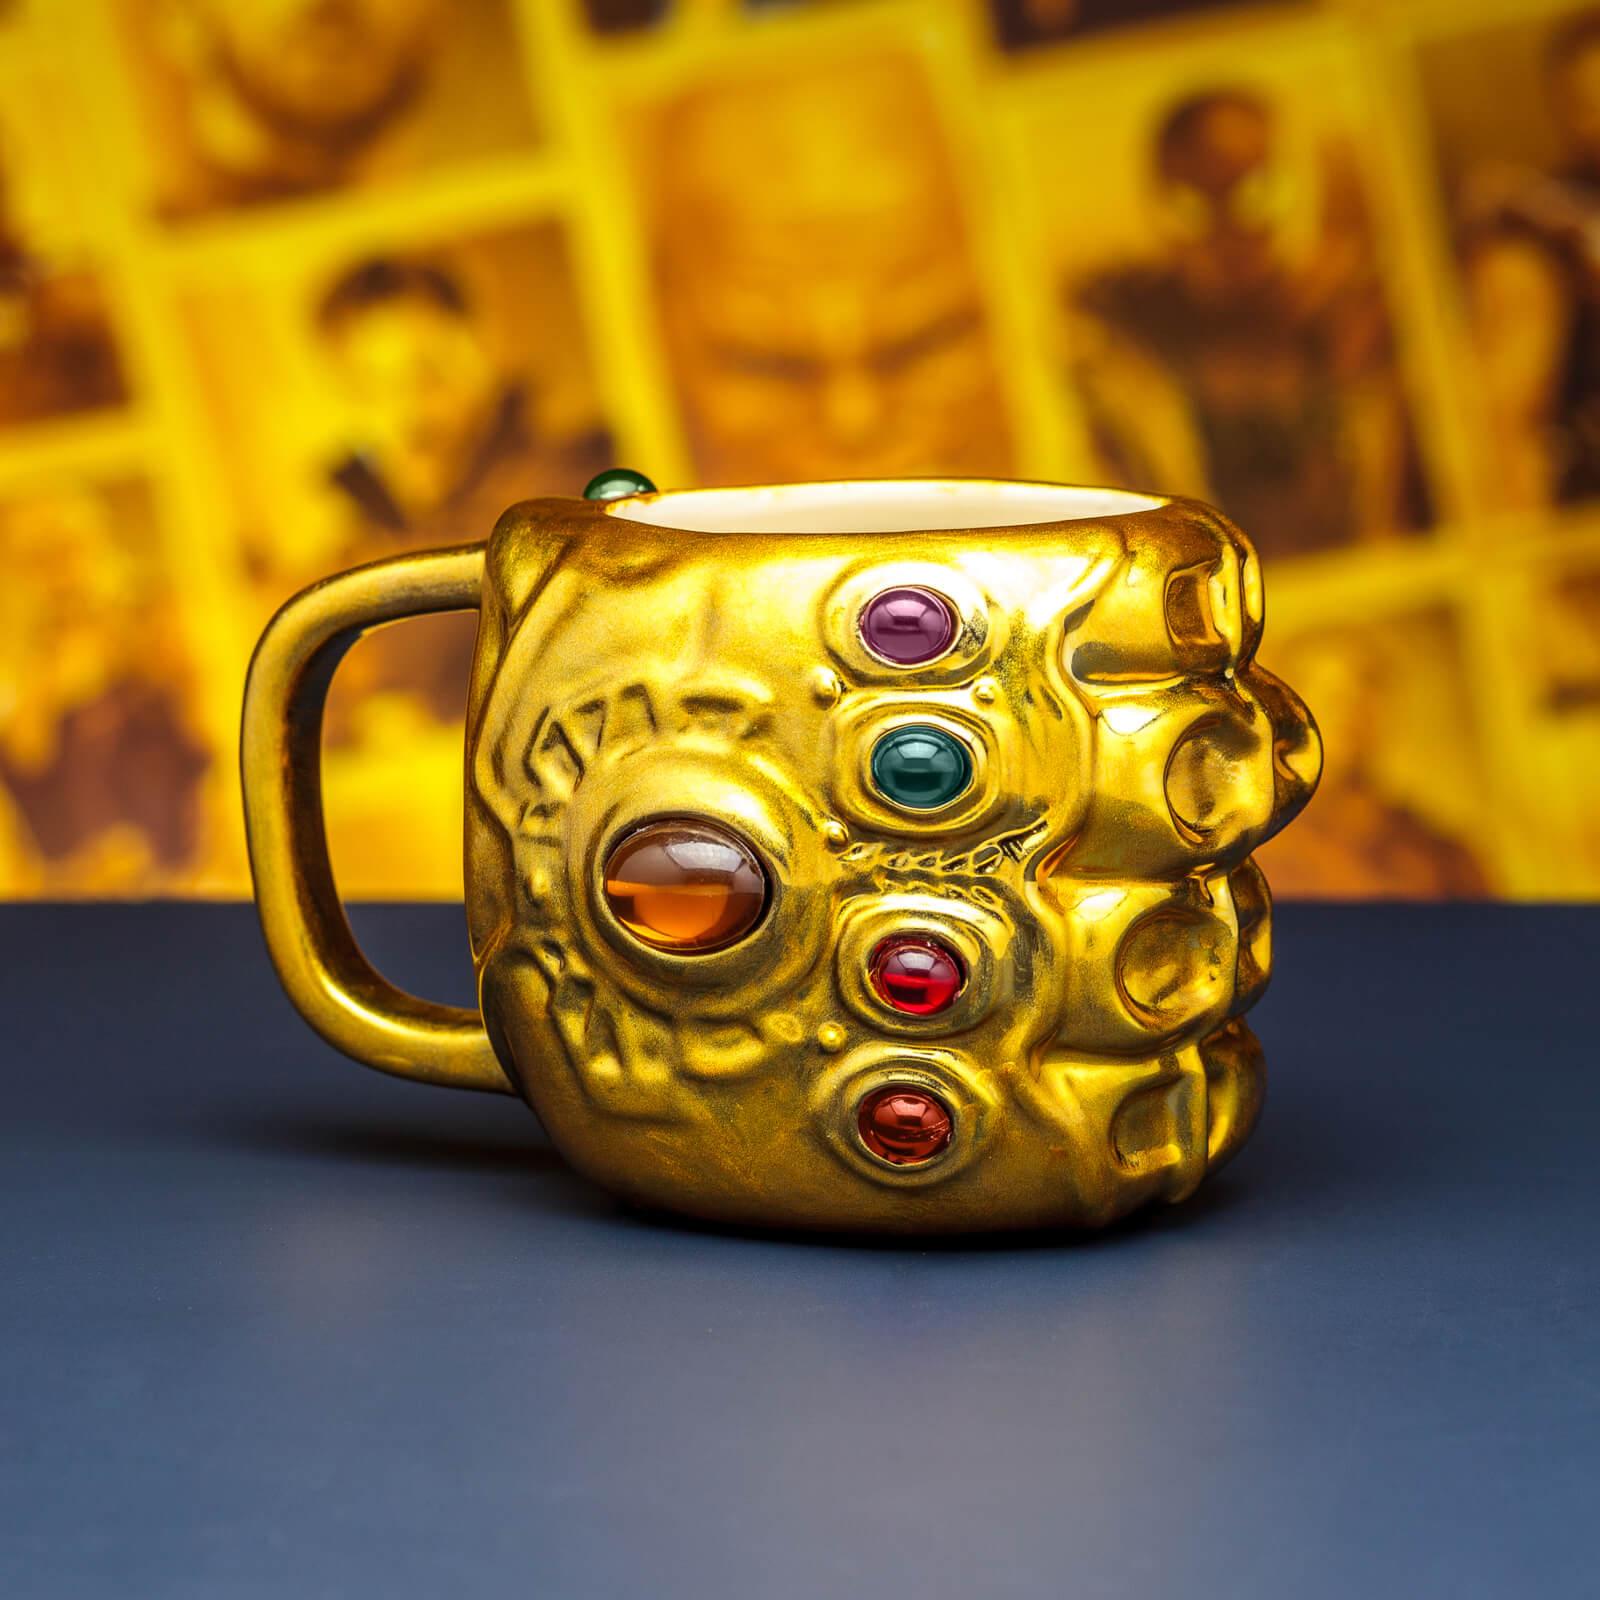 Marvel Avengers Infinity War Gauntlet Tasse